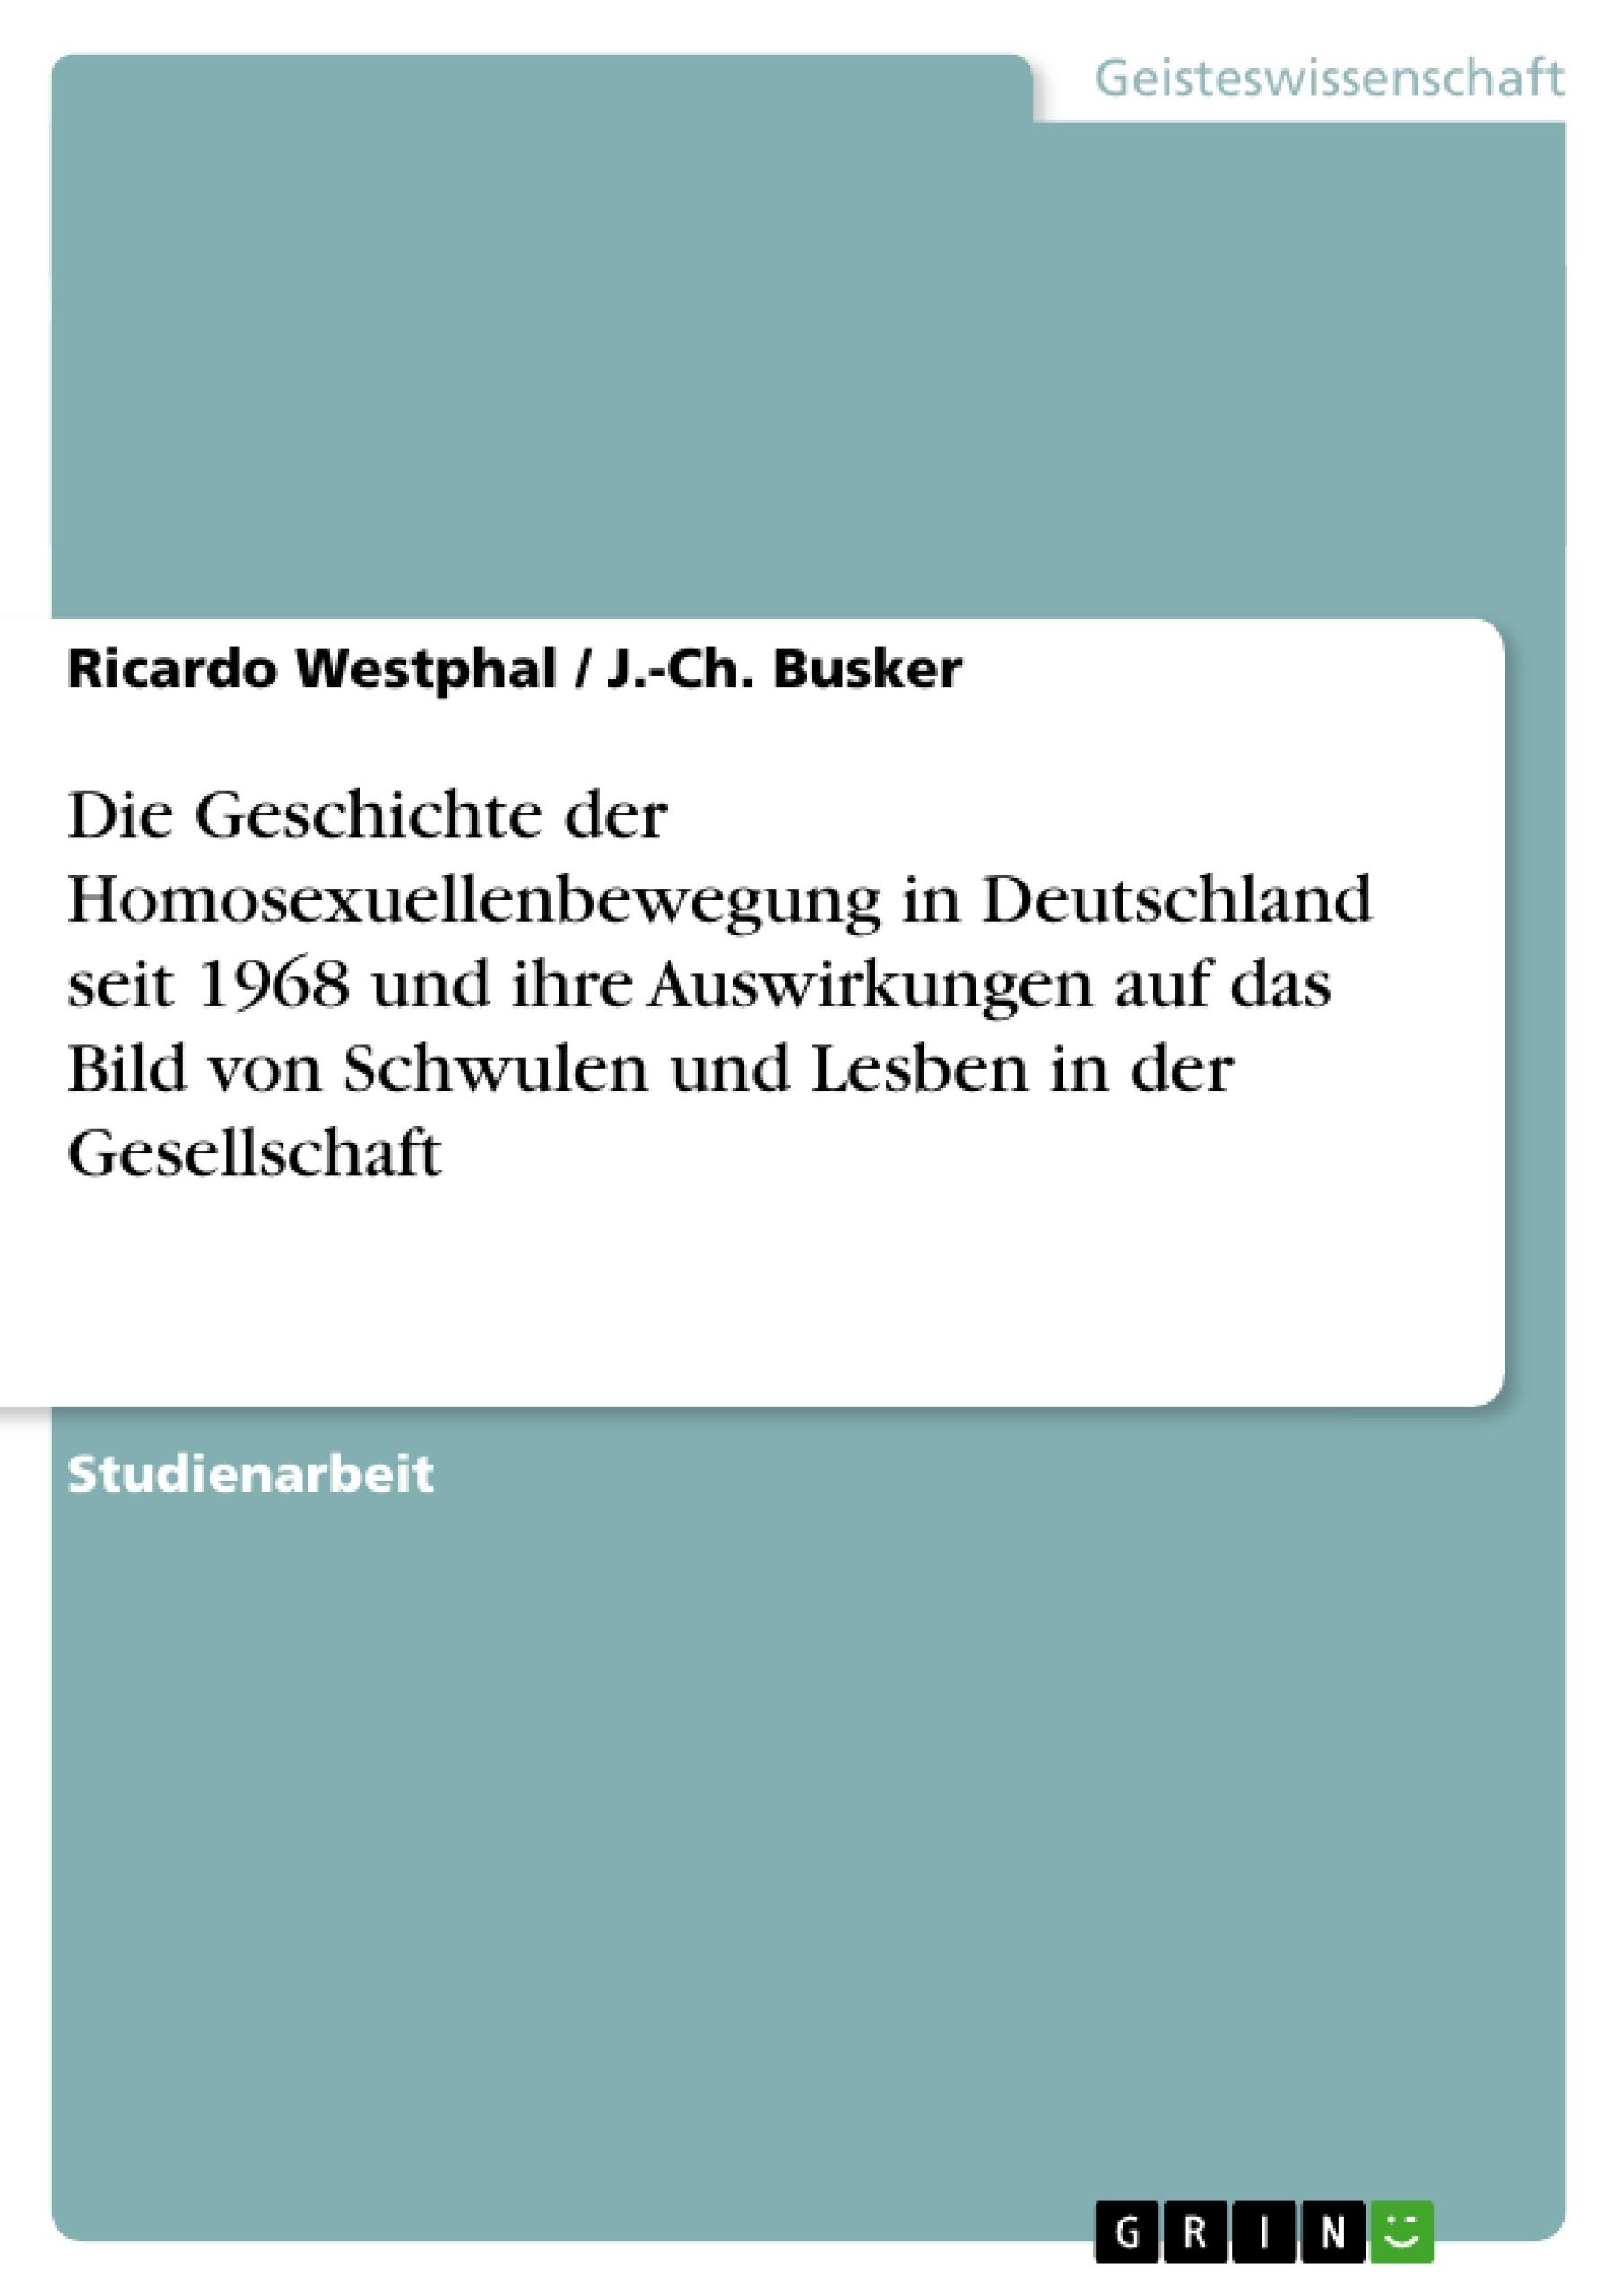 Titel: Die Geschichte der Homosexuellenbewegung in Deutschland seit 1968 und ihre Auswirkungen auf das Bild von Schwulen und Lesben in der Gesellschaft